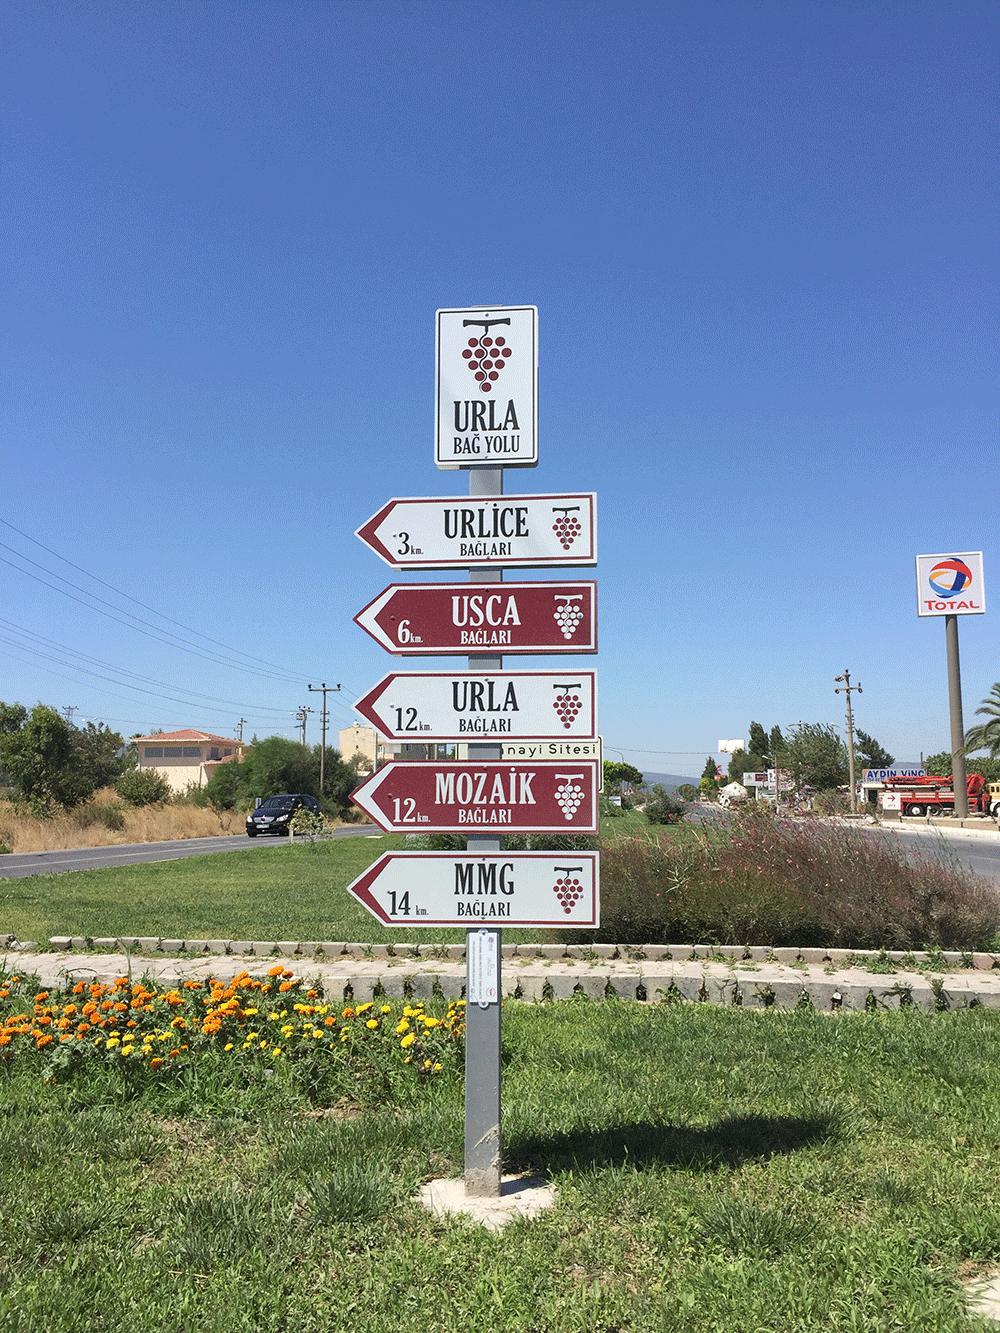 Bağ Evlerinin uzaklıklarını gösteren yol tabelaları.